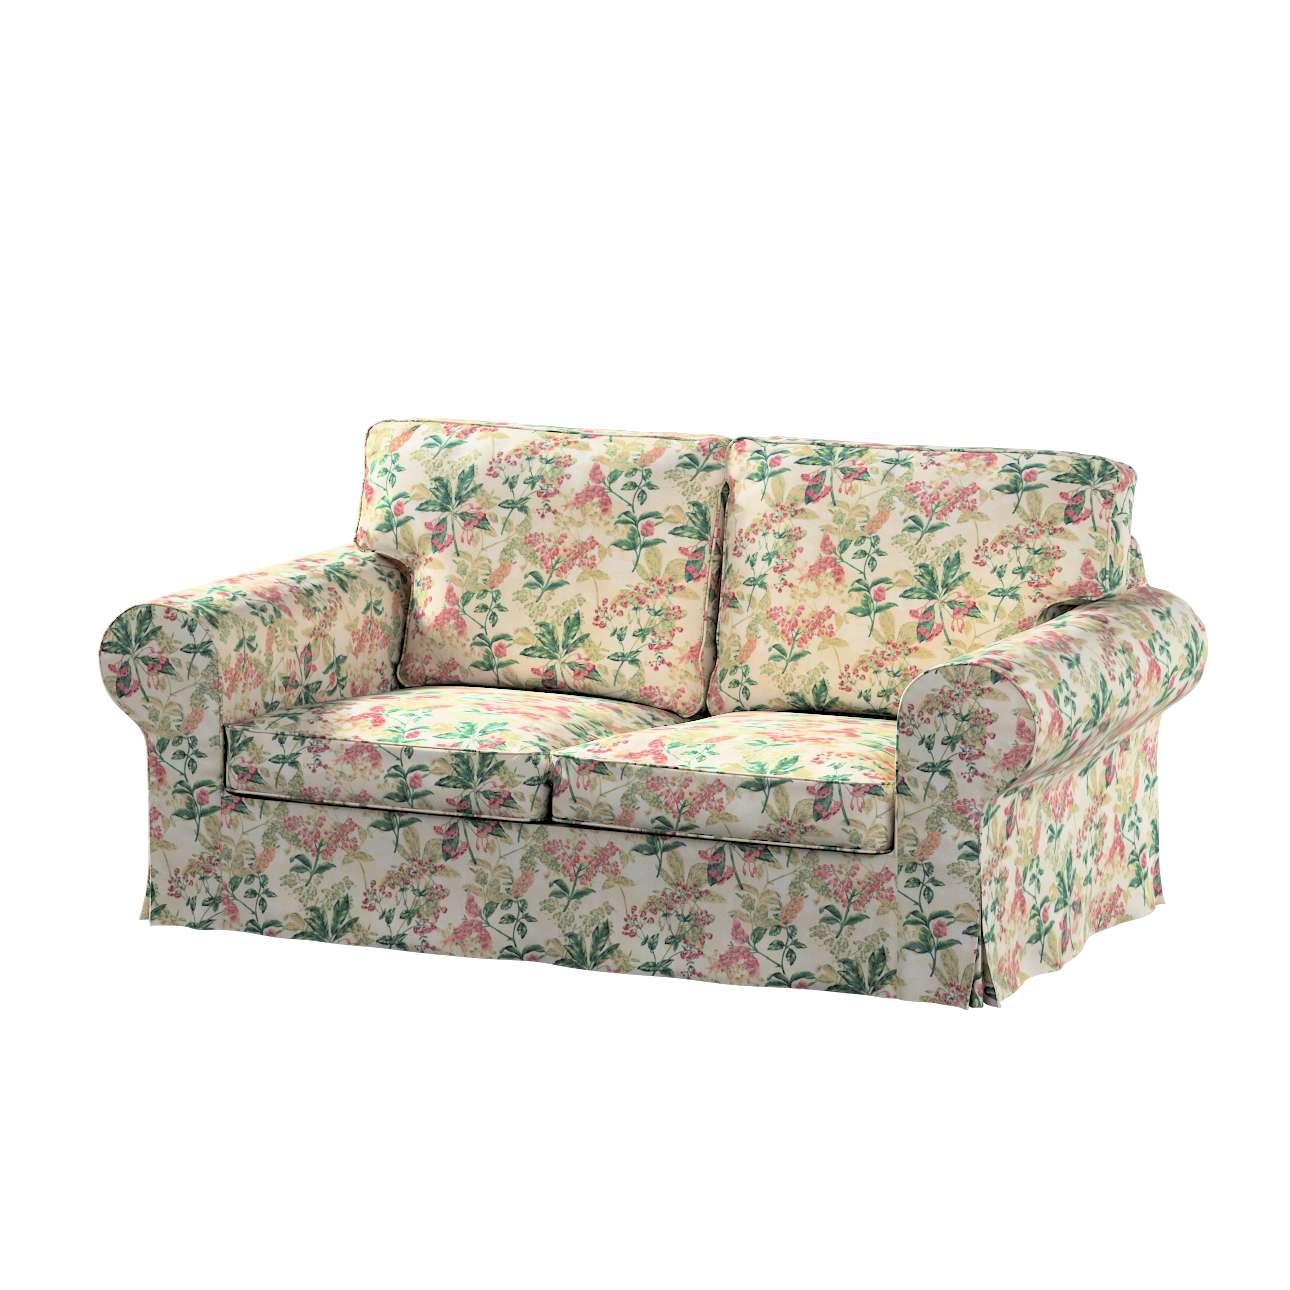 Pokrowiec na sofę Ektorp 2-osobową, rozkładaną, model do 2012 w kolekcji Londres, tkanina: 143-41